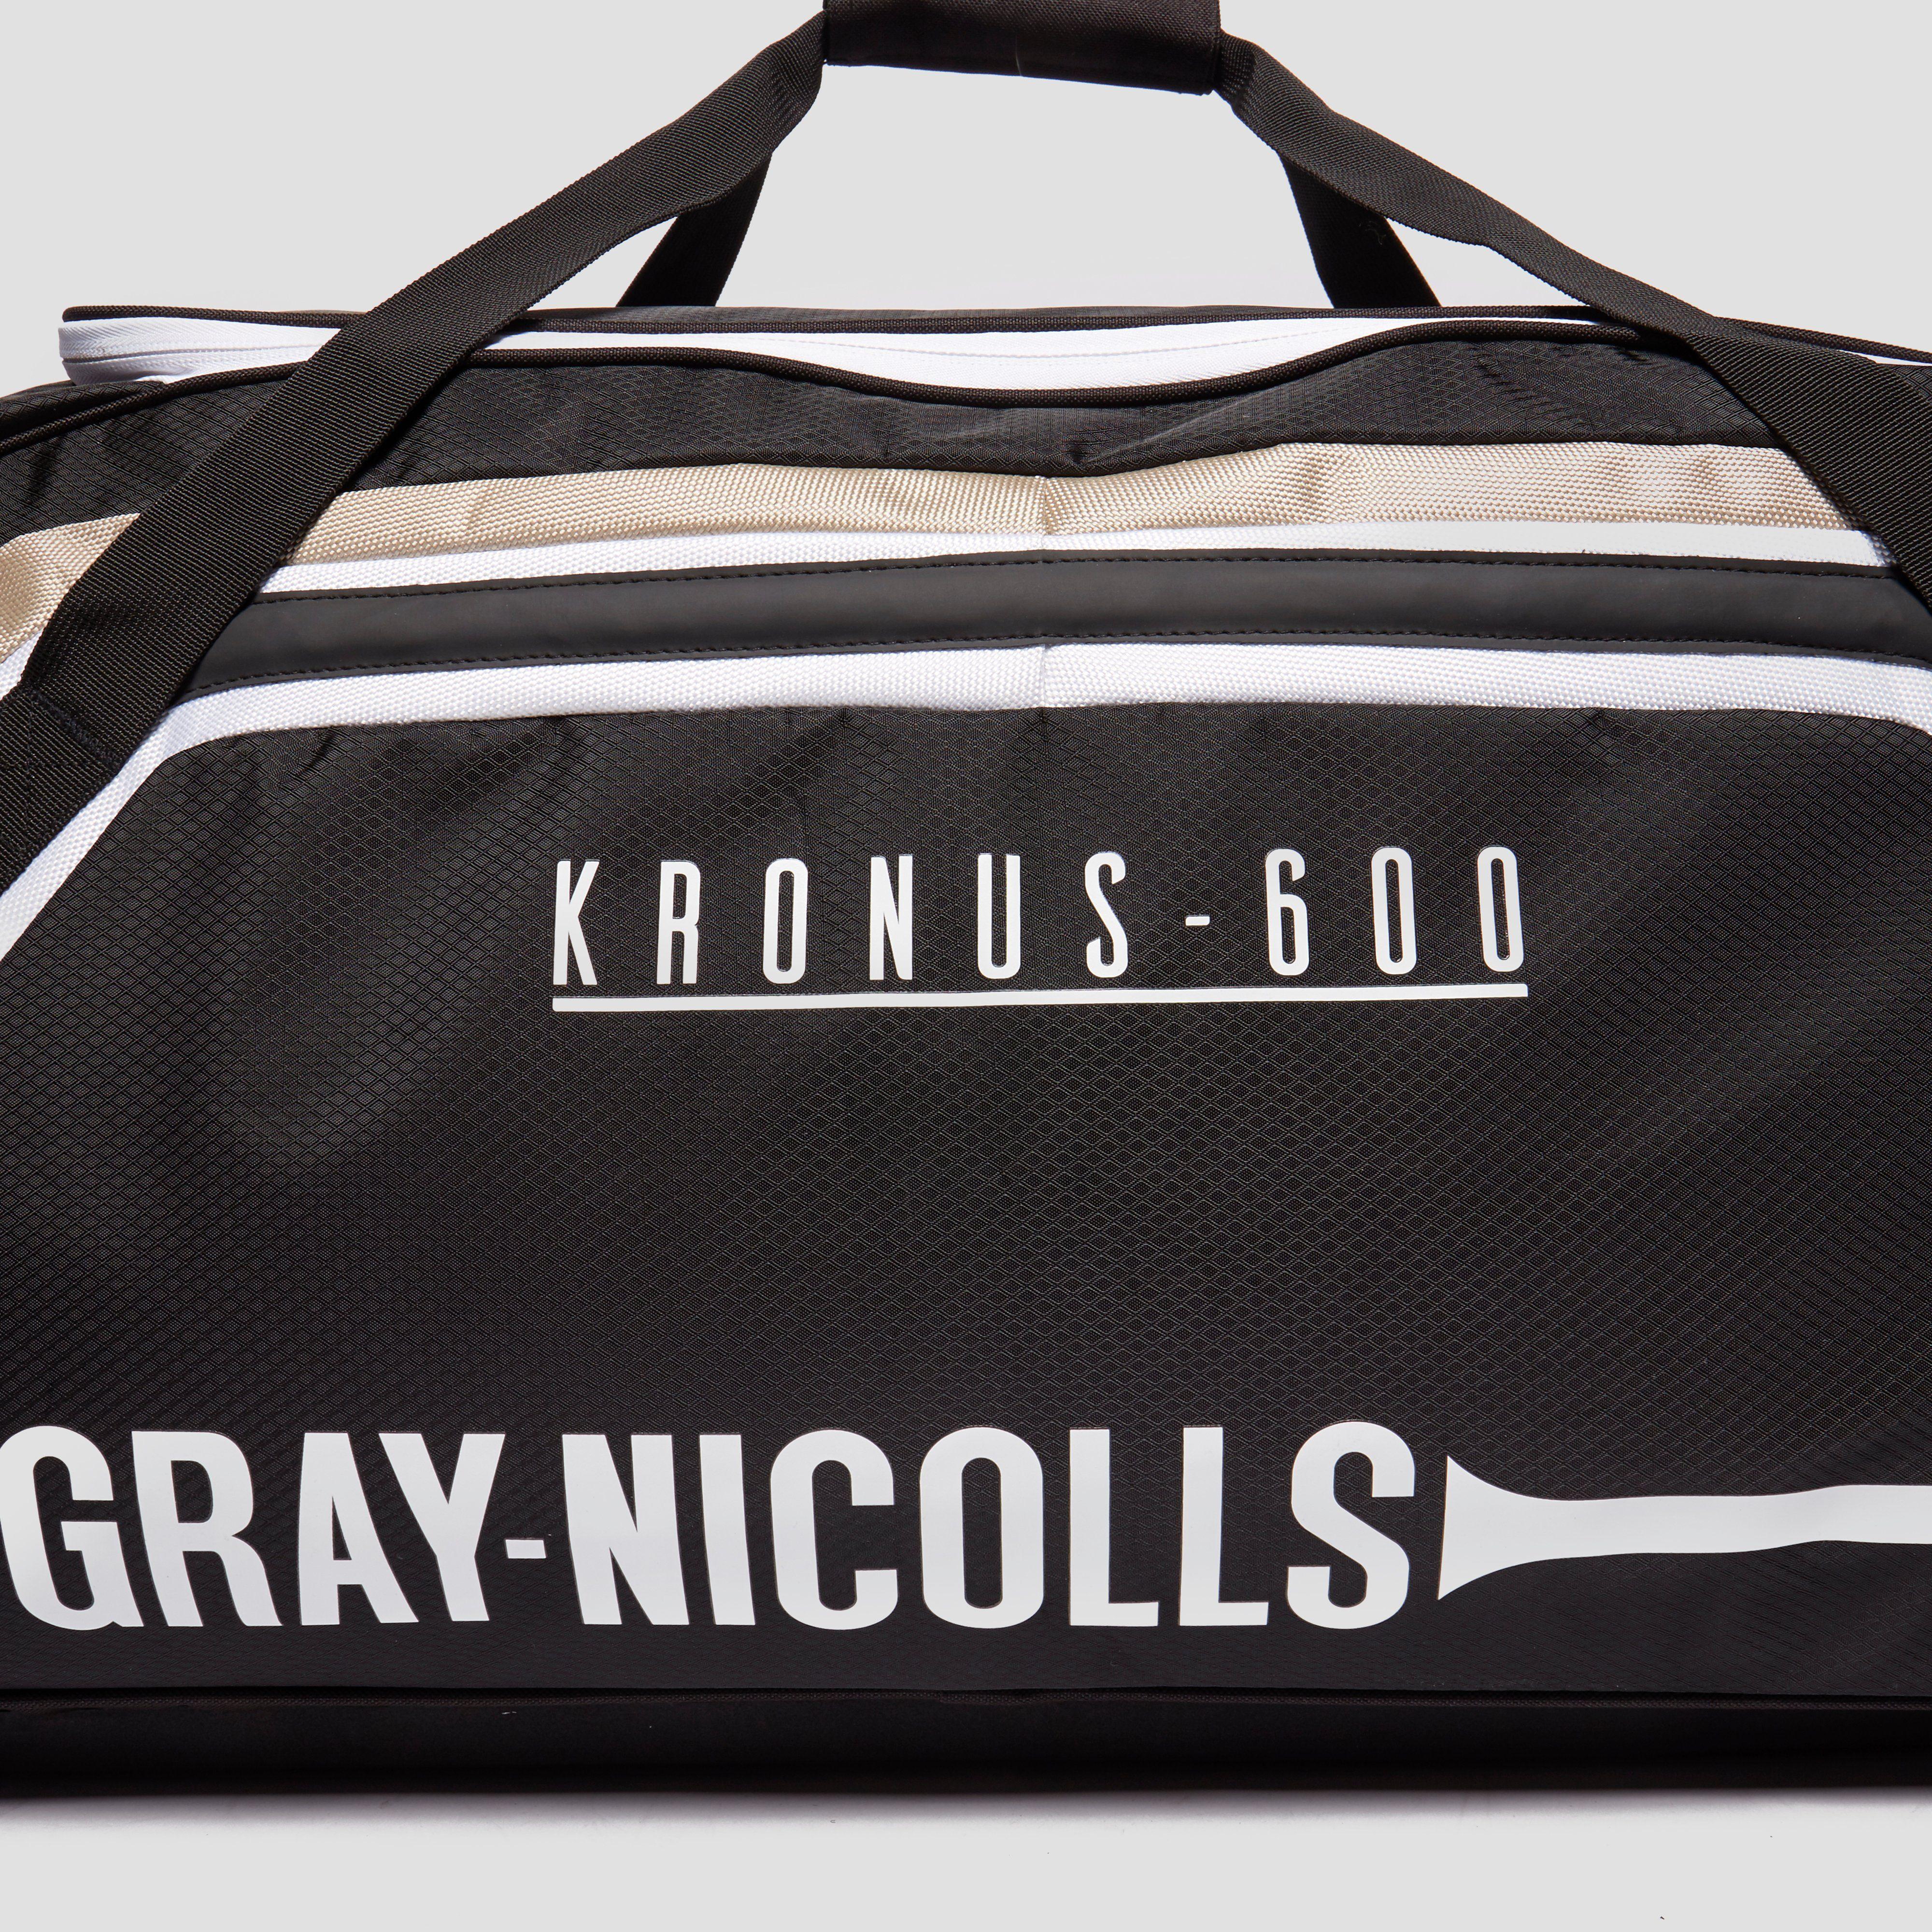 Gray-Nicolls Kronus 600 Wheelie Bag